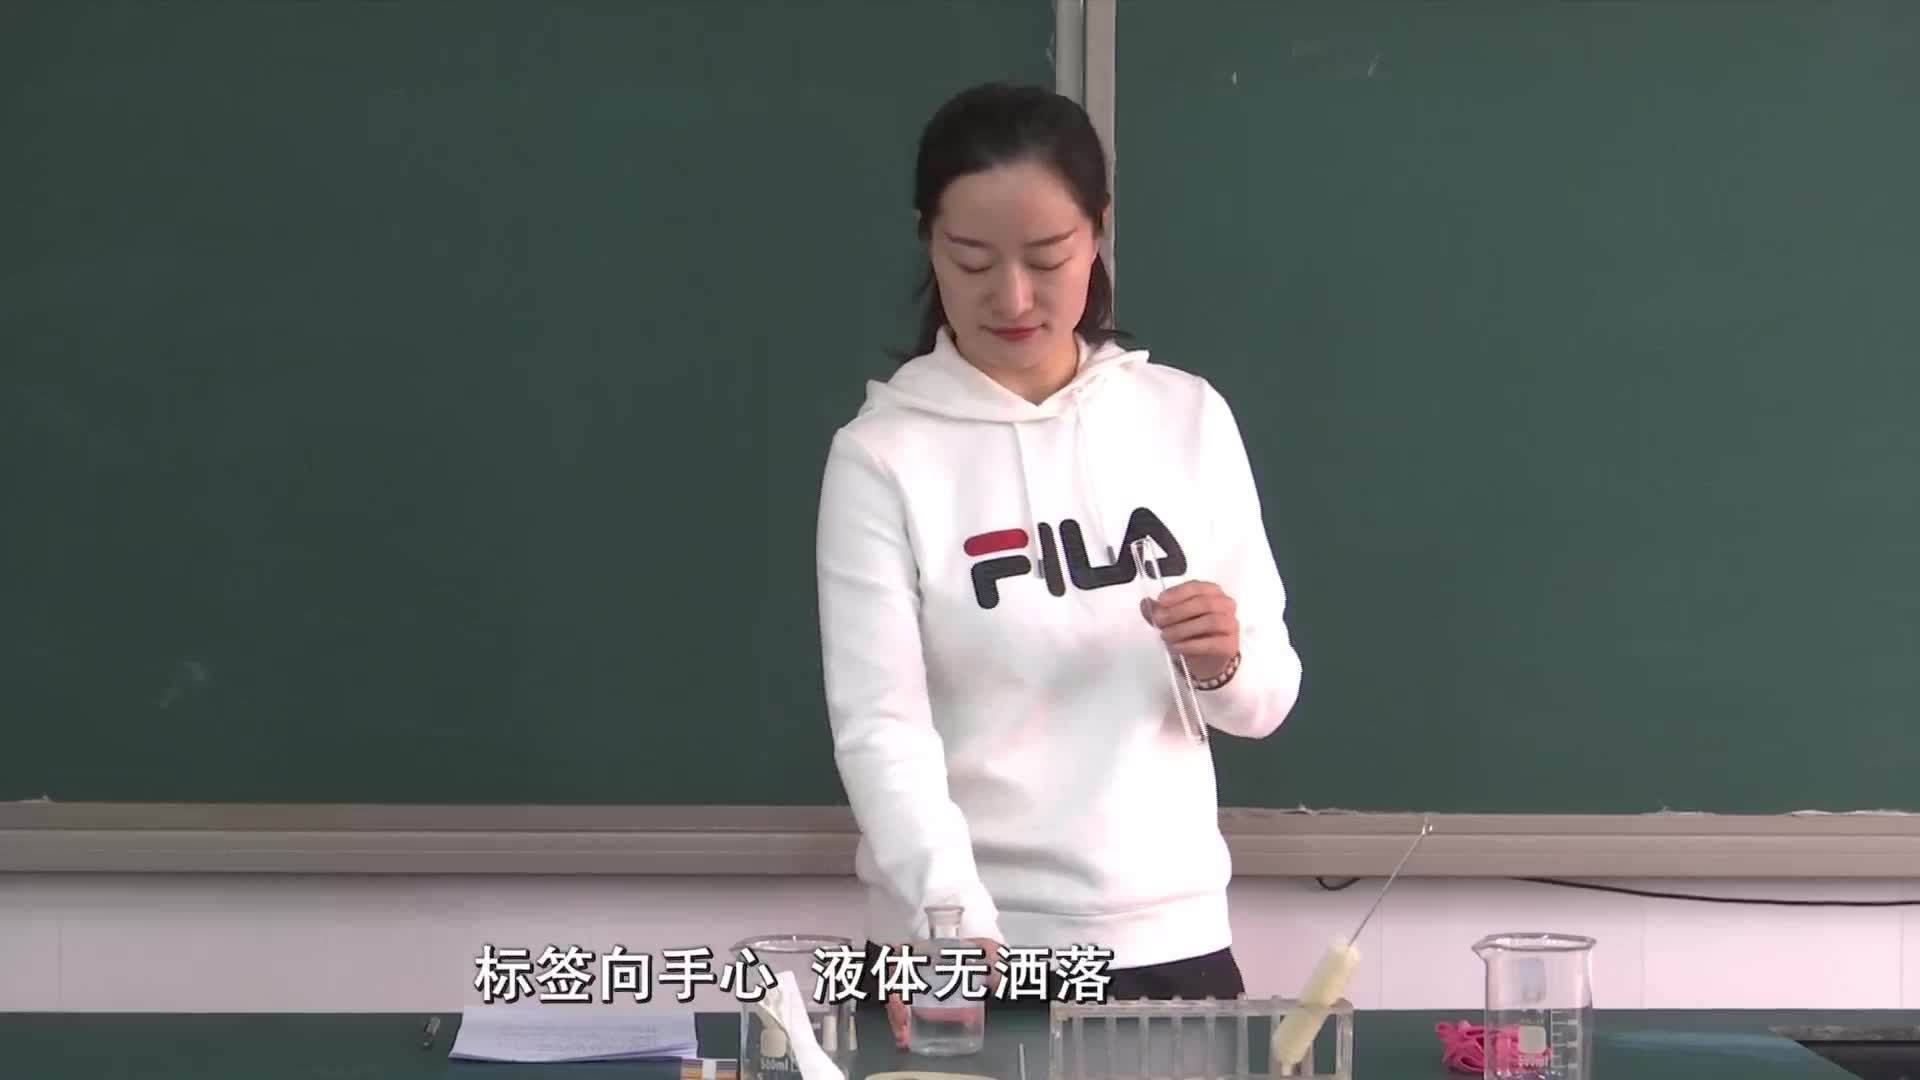 2019河南省郑州市中招理化生实验操作考试(化学)-测定未知溶液的酸碱度-实验演示